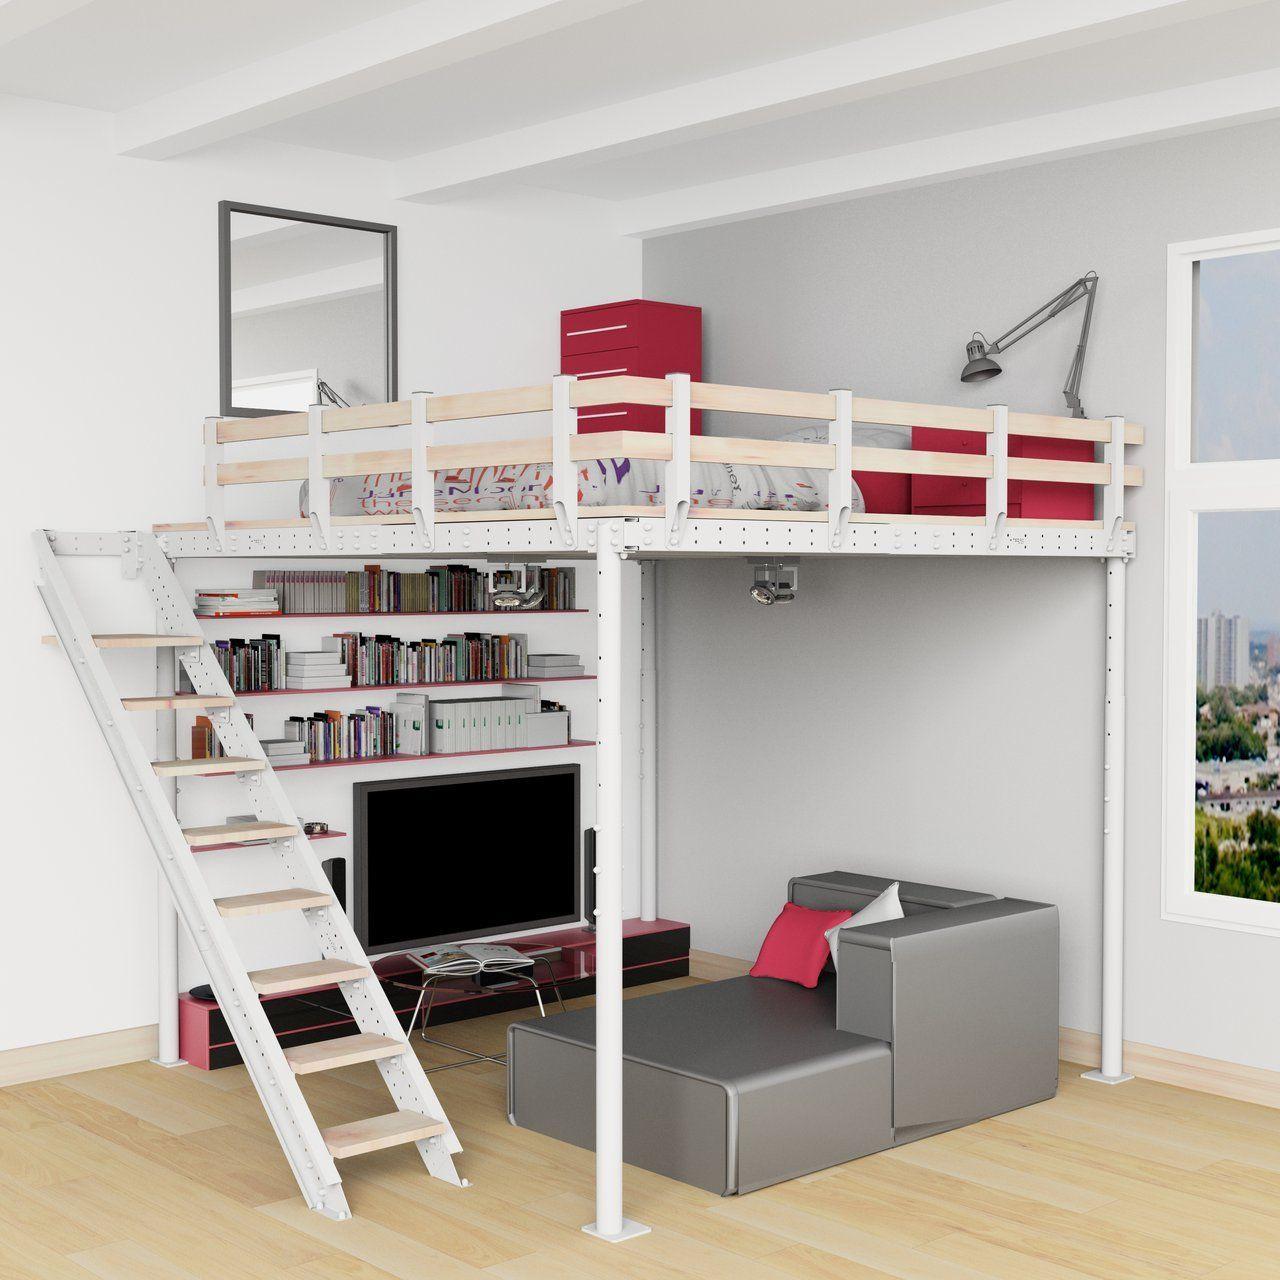 DIY Loft Bed Kit Loft spaces, Mezzanine bed, Kids bunk beds